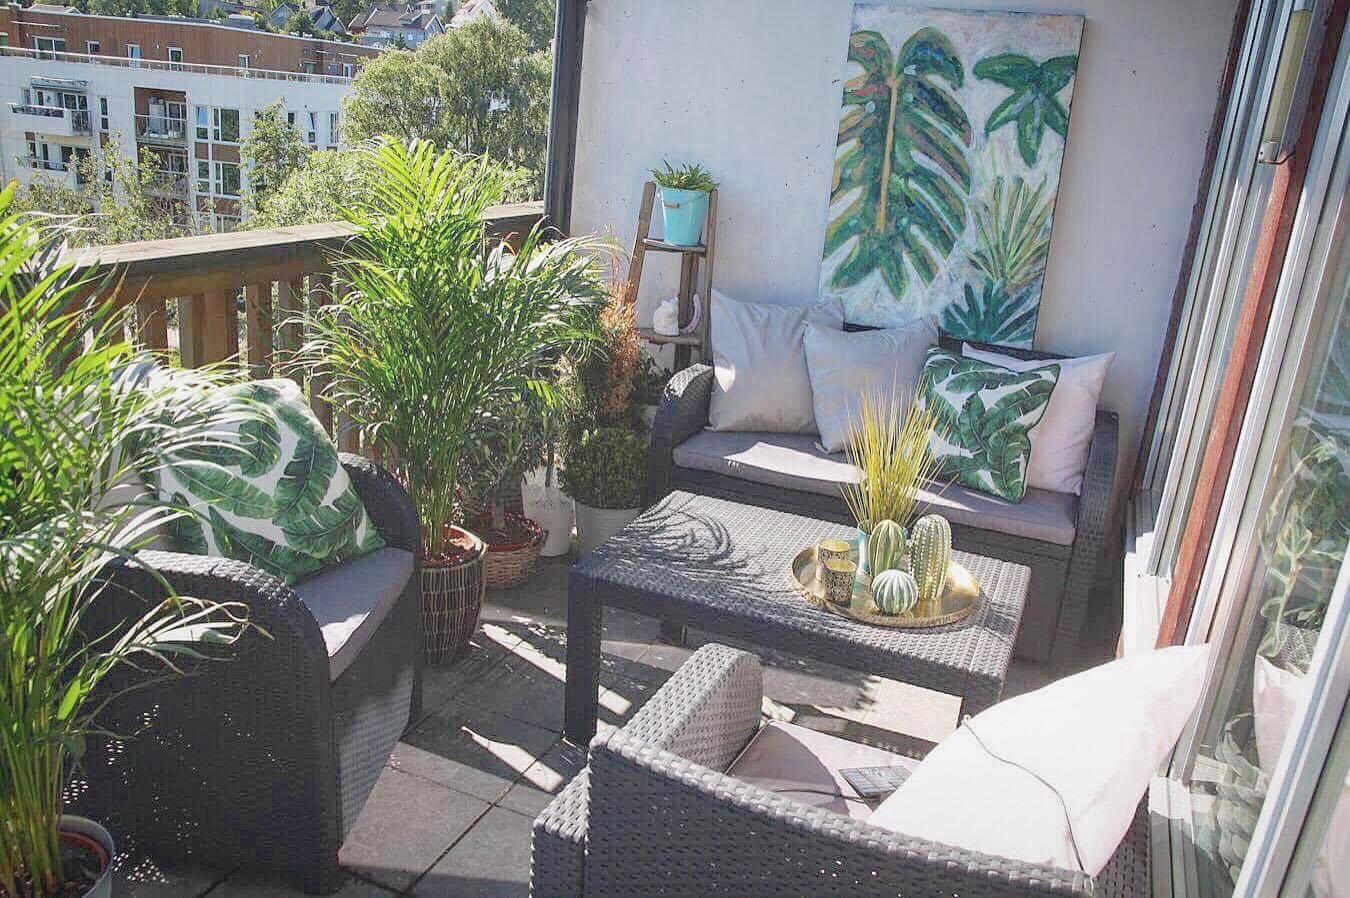 Vår Terrasse -Skal Bli En Grønn Oase